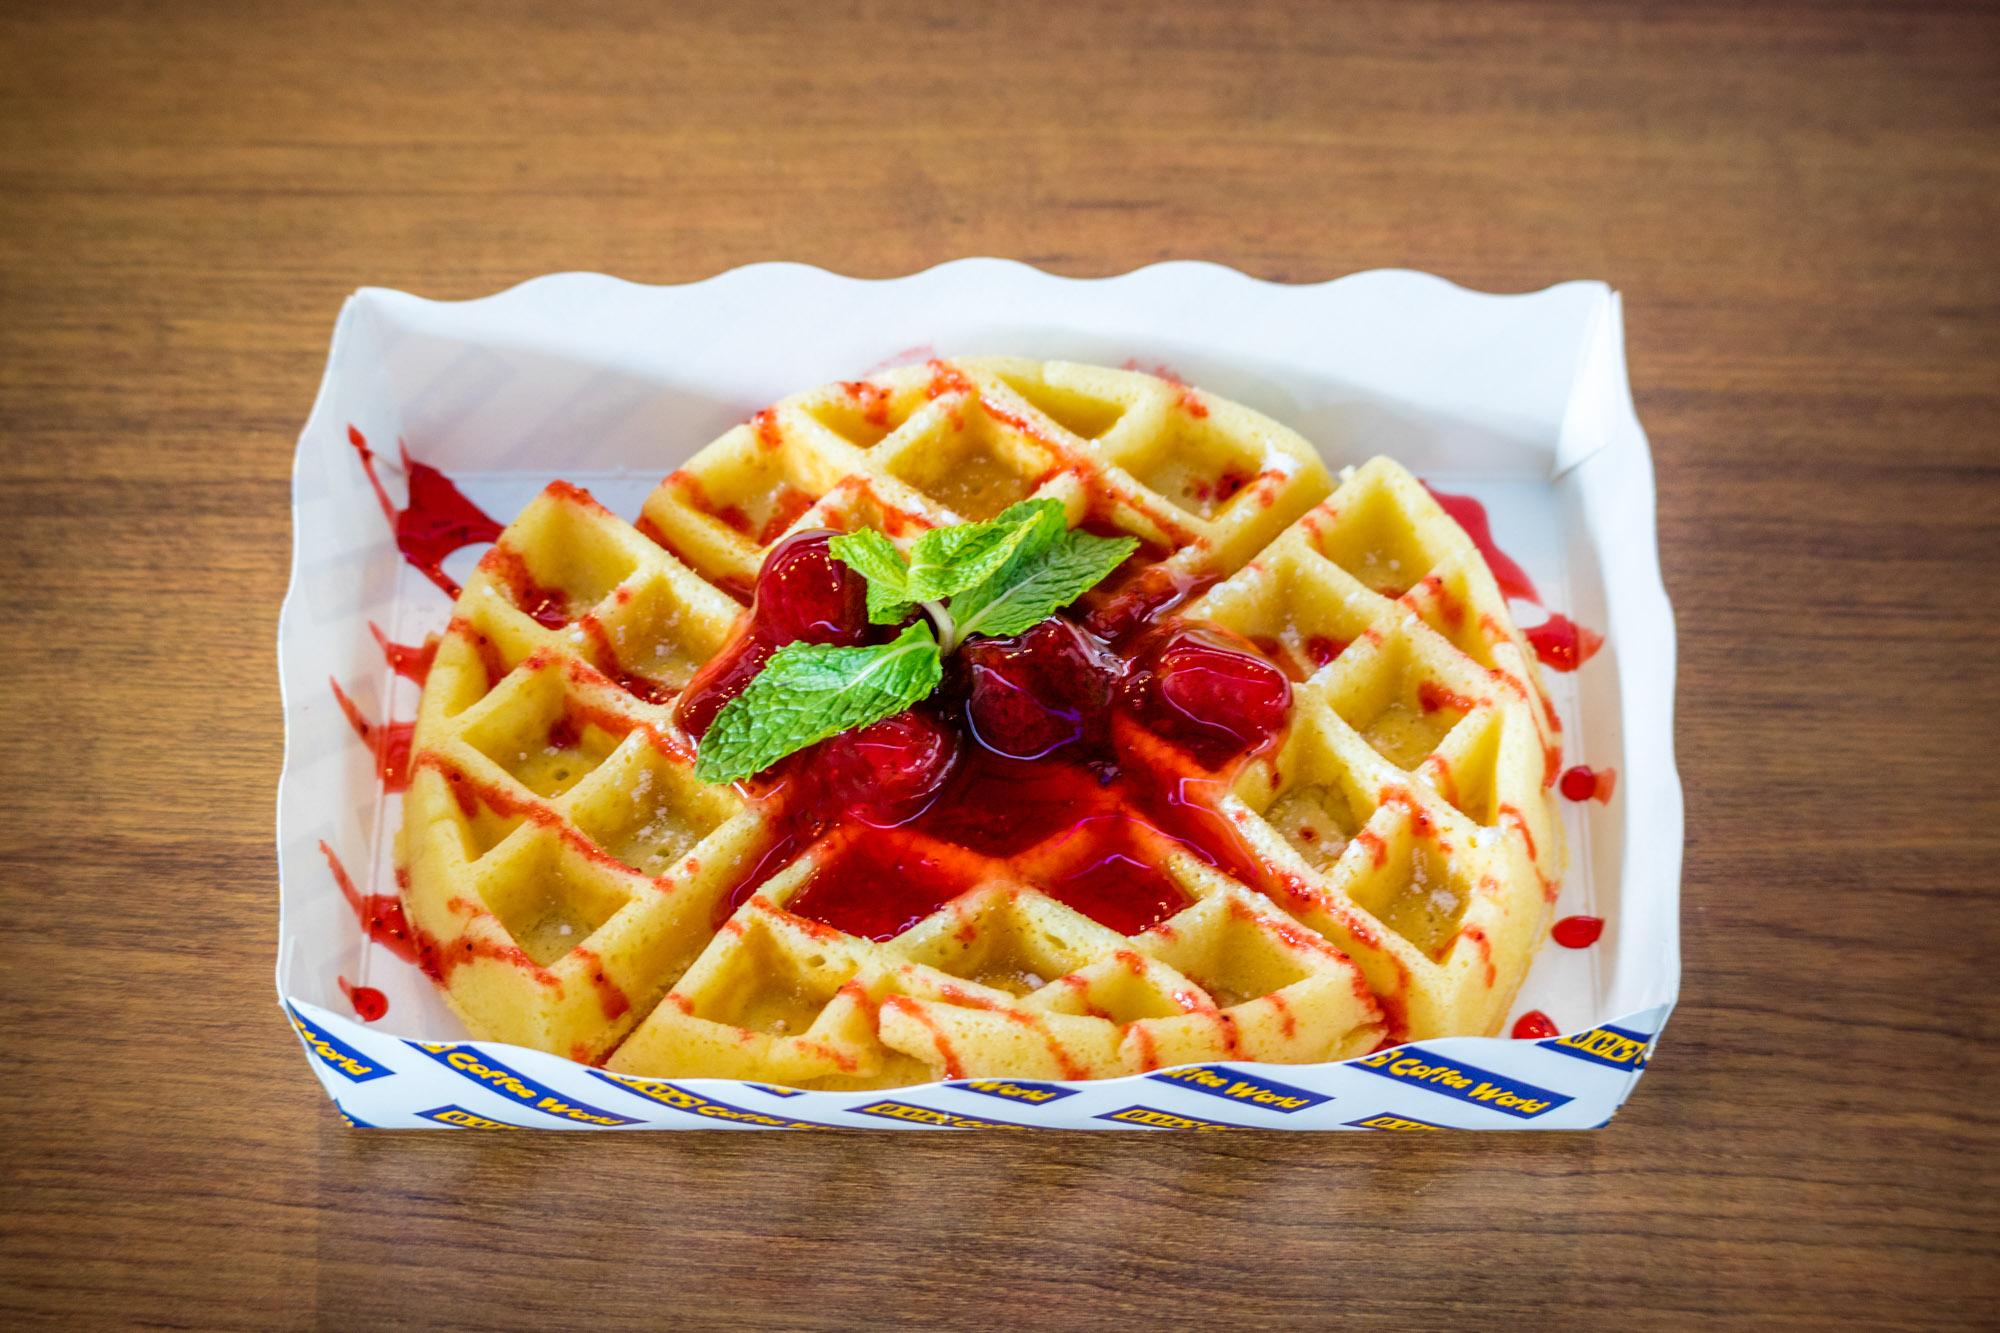 Strawberry Waffle  ร้านอาหารแนะนำ ในอาคารผู้โดยสารขาออกระหว่างประเทศ ท่าอากาศยานภูเก็ต IMG 8294